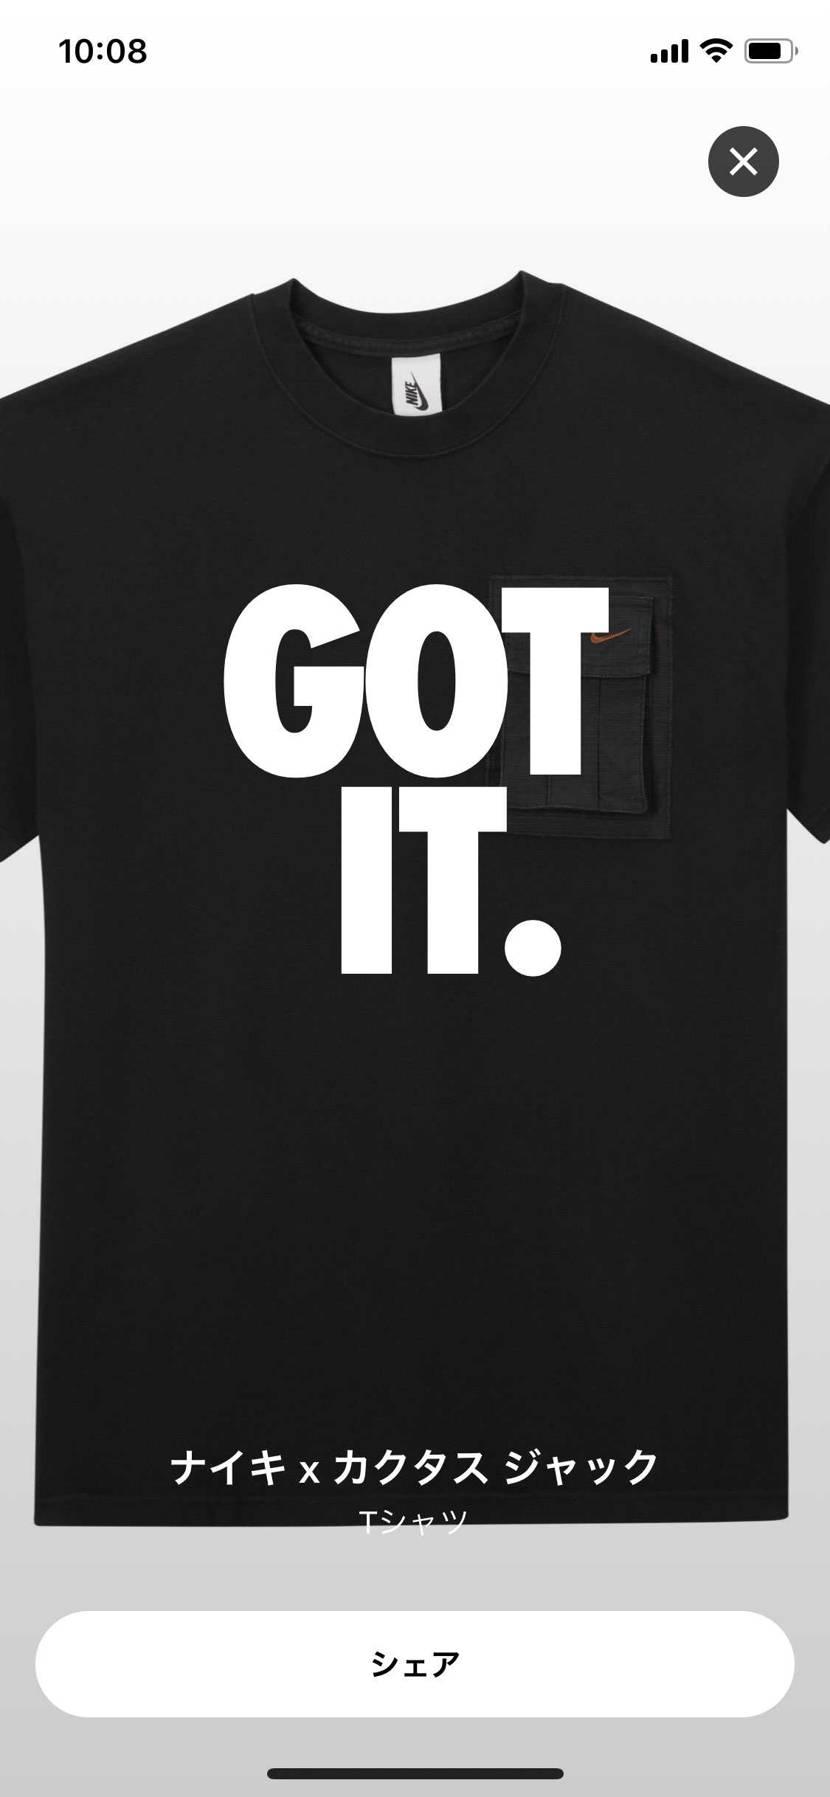 tシャツのみゴッテムですが、その他欲しい商品が買えませんでした(T . T)